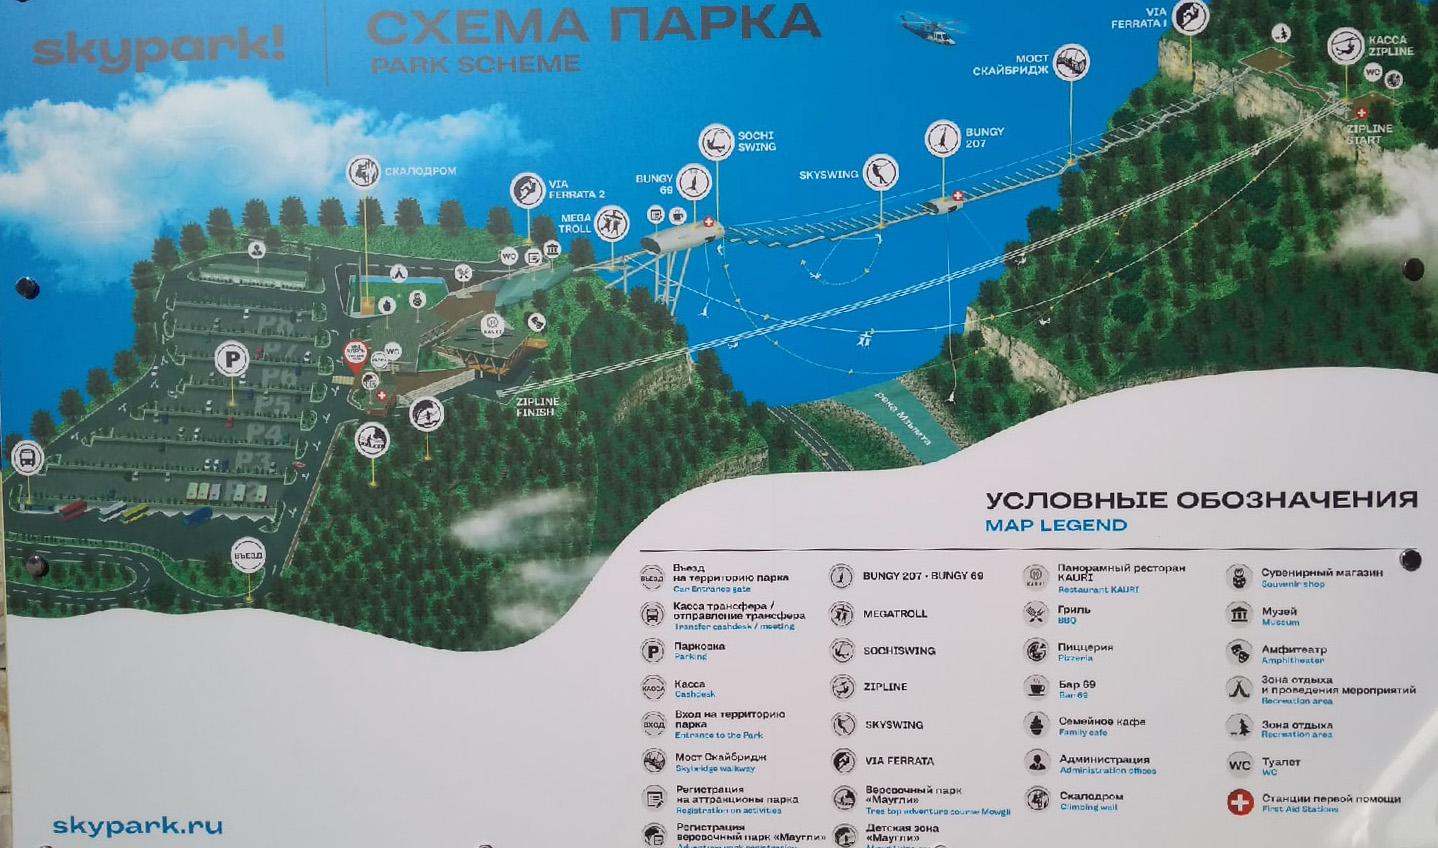 Скайпарк в Сочи карта схема объектов